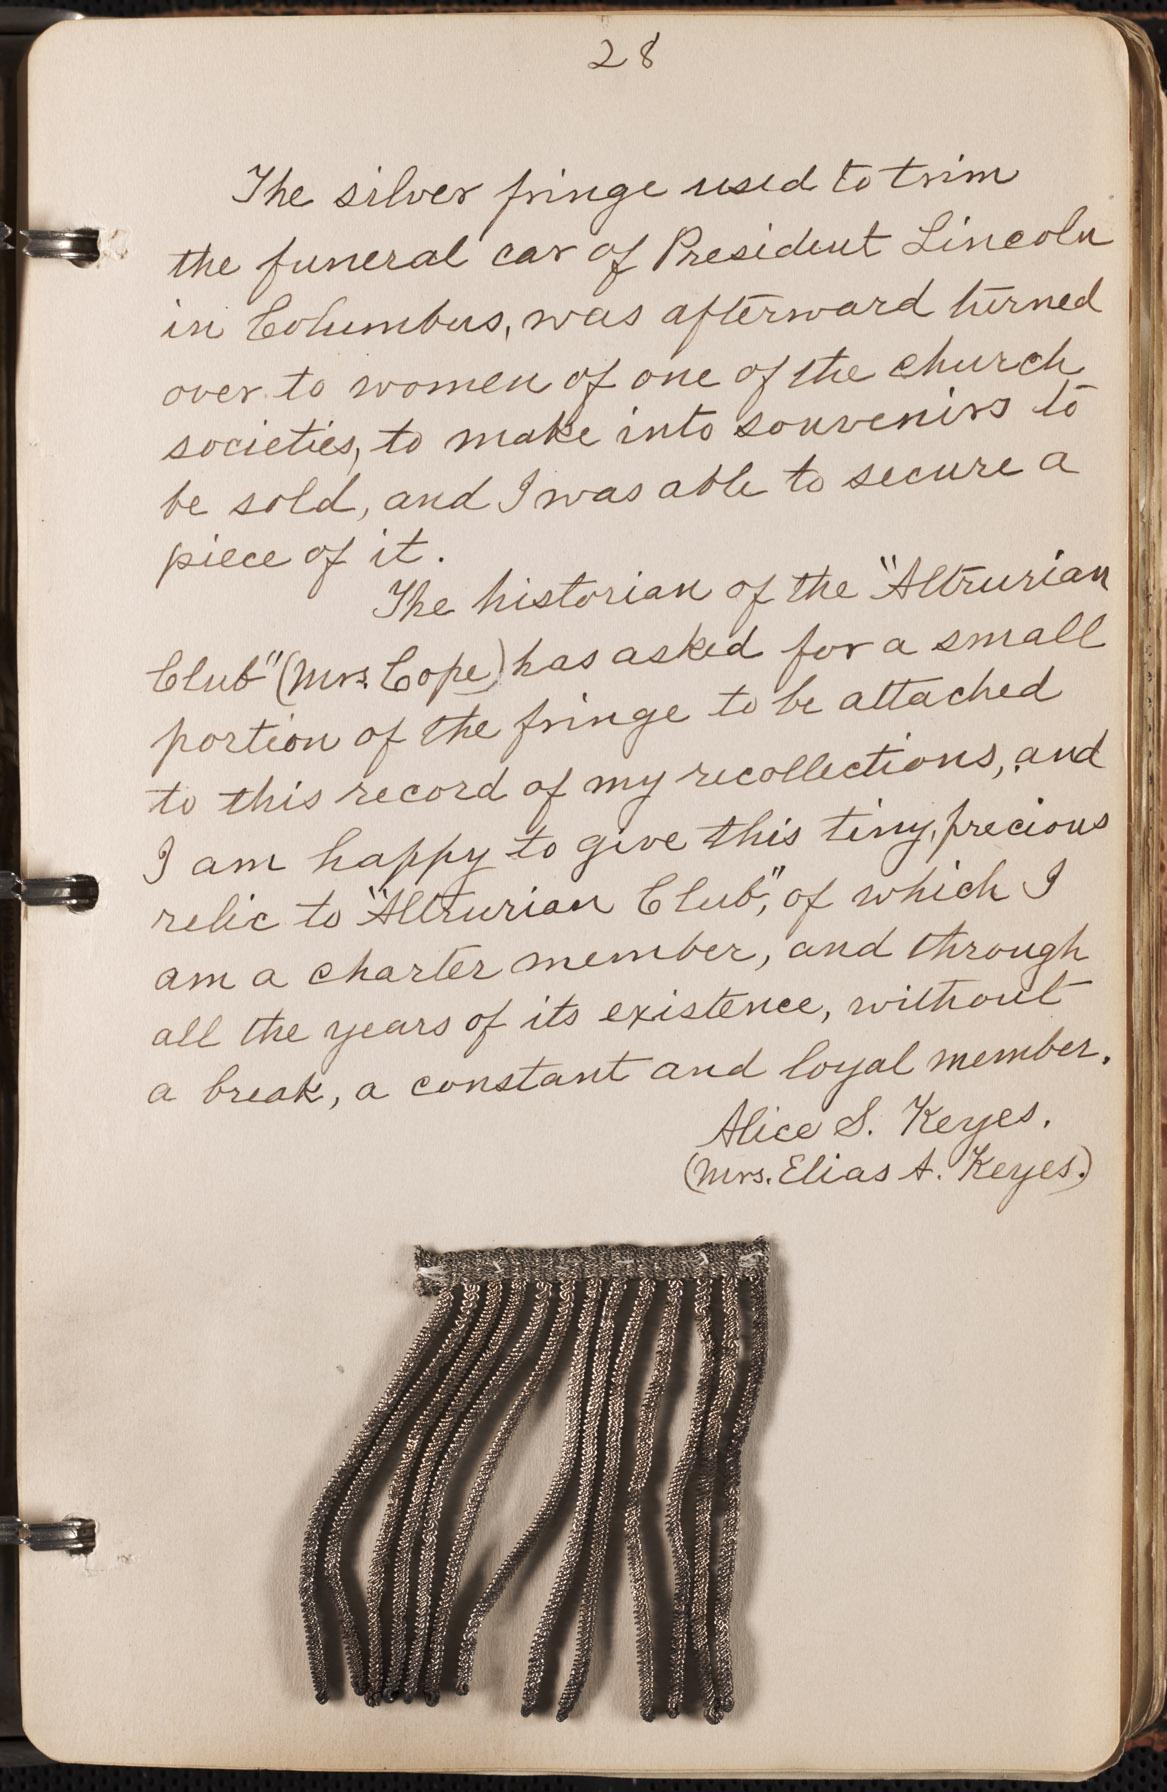 Alice Strickler Keyes diary entry